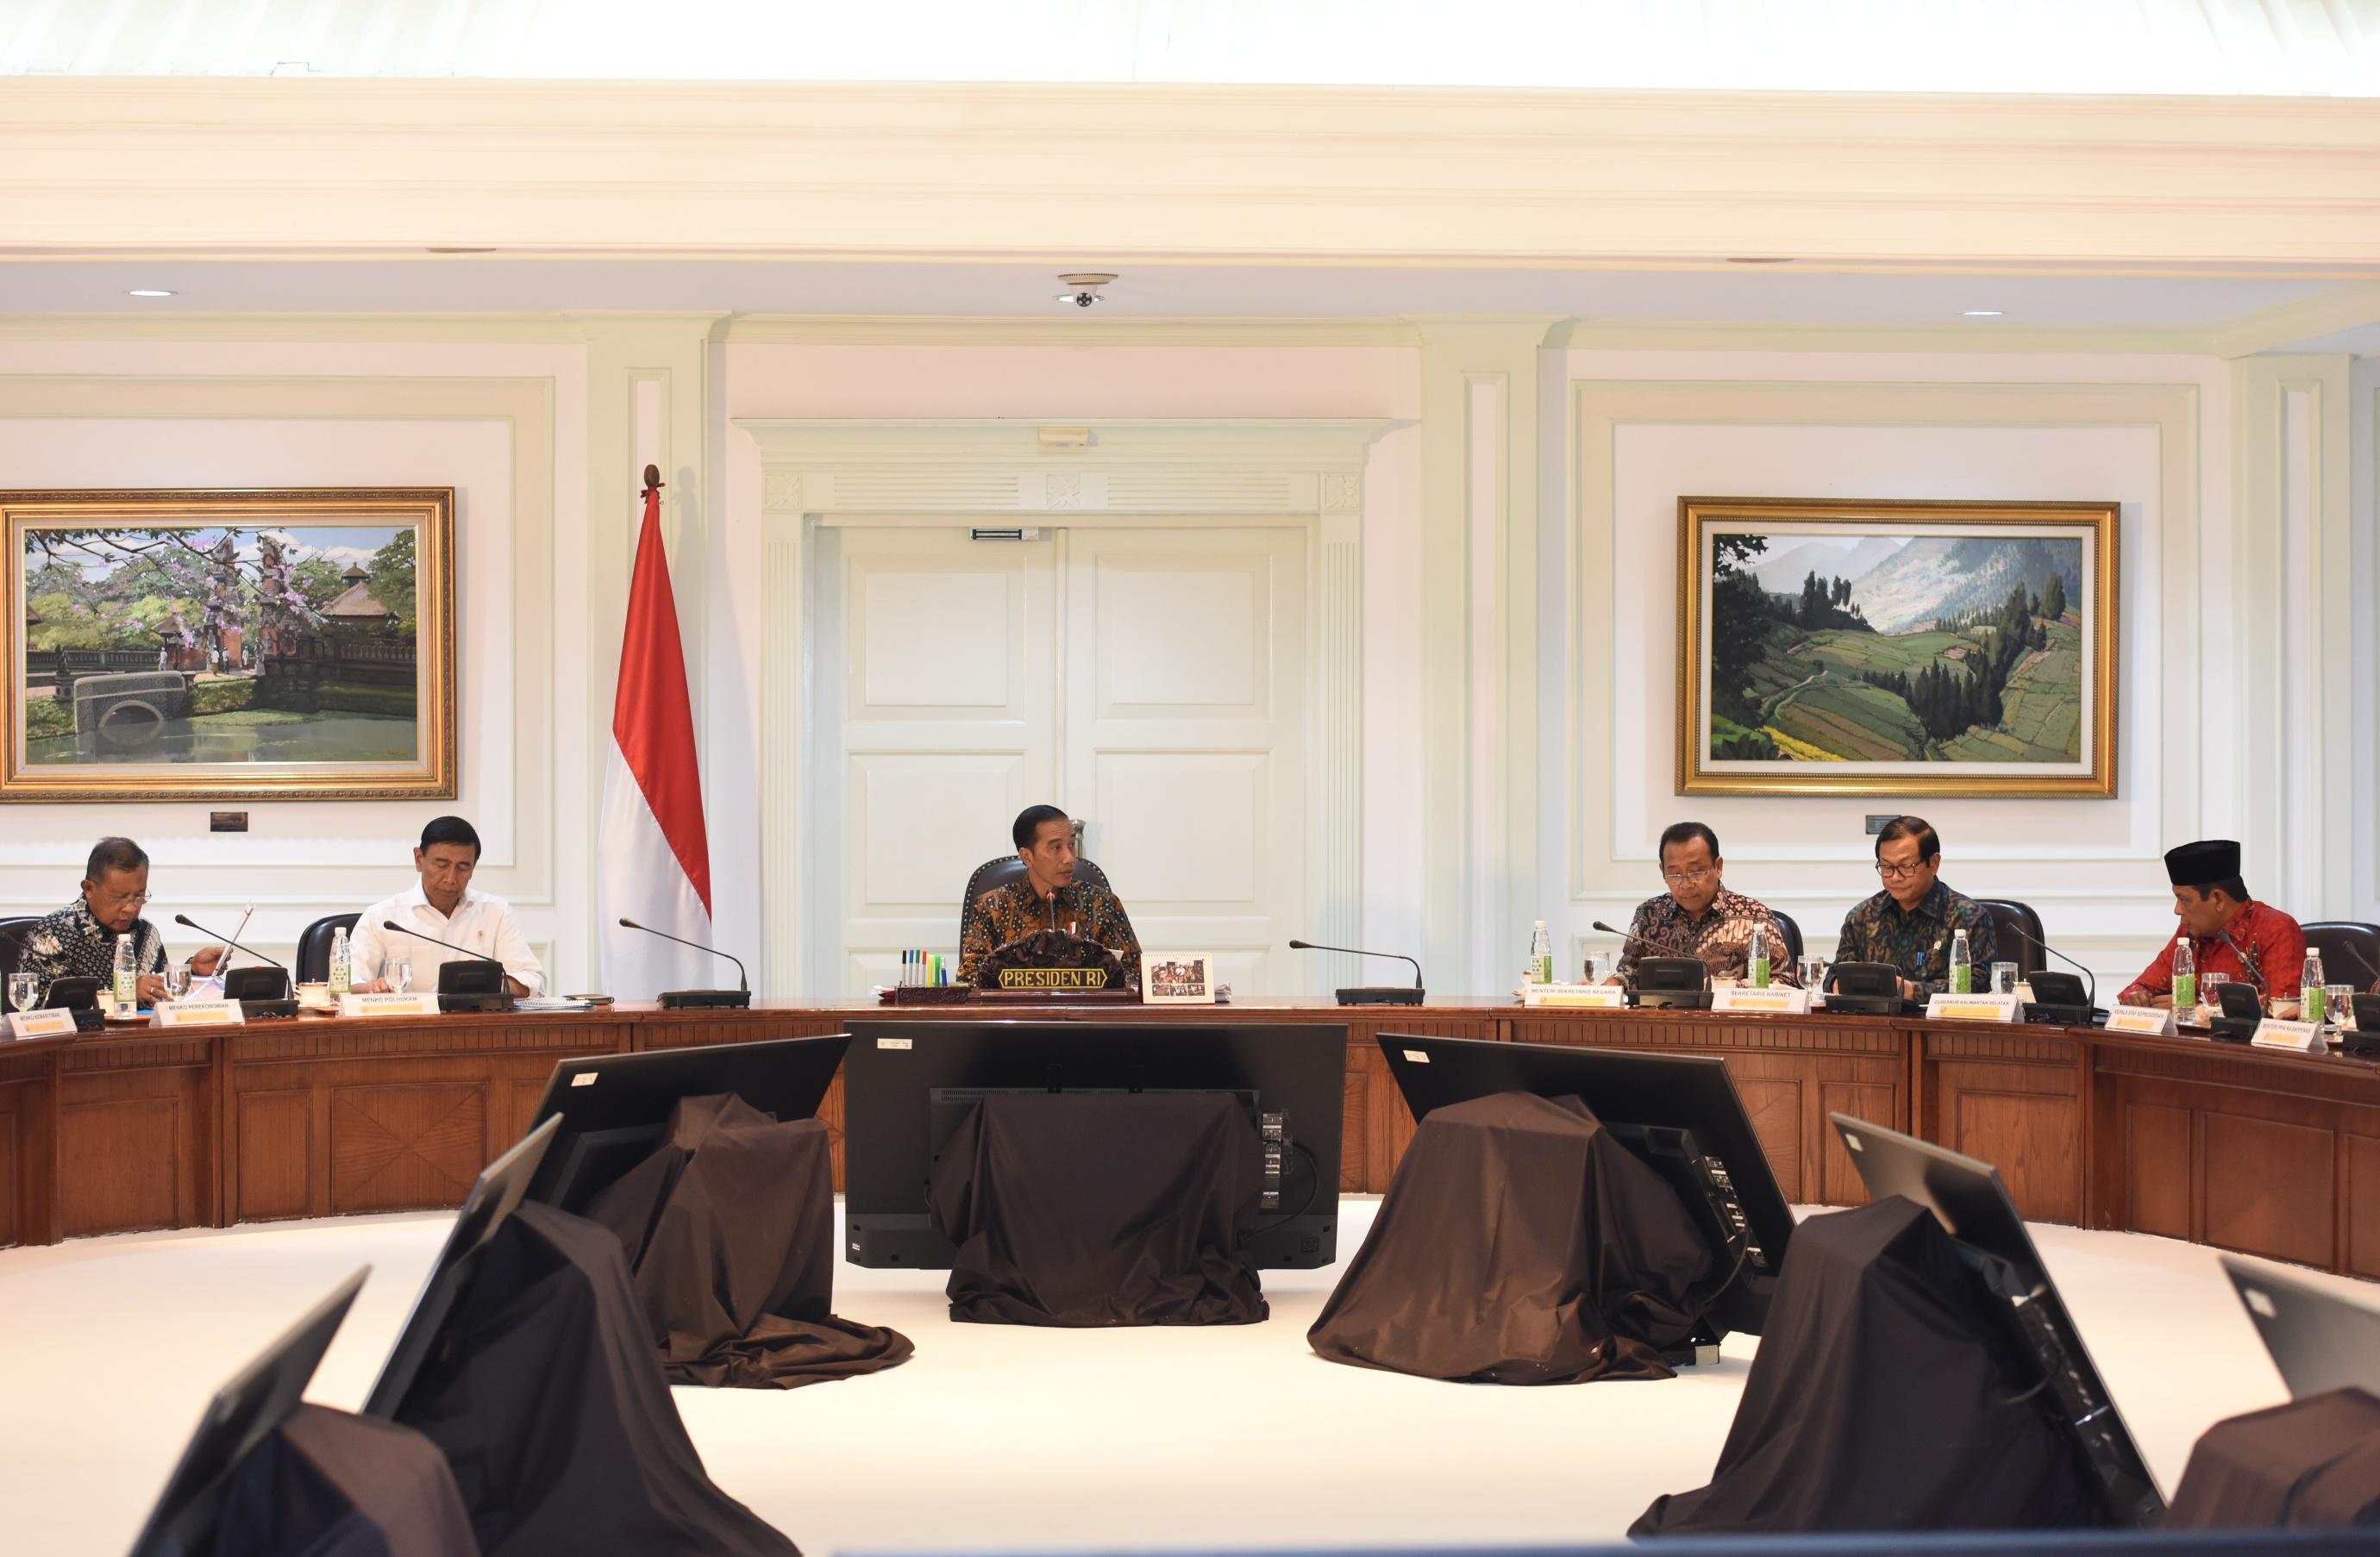 Presiden Jokowi Pimpin Rapat Terbatas Mengenai Evaluasi Pelaksanaan Proyek Strategis Nasional dan Program Prioritas Provinsi Kalimantan Selatan, di Kantor Presiden, Jakarta, Senin (10/4) . (Foto: Humas/Jay)